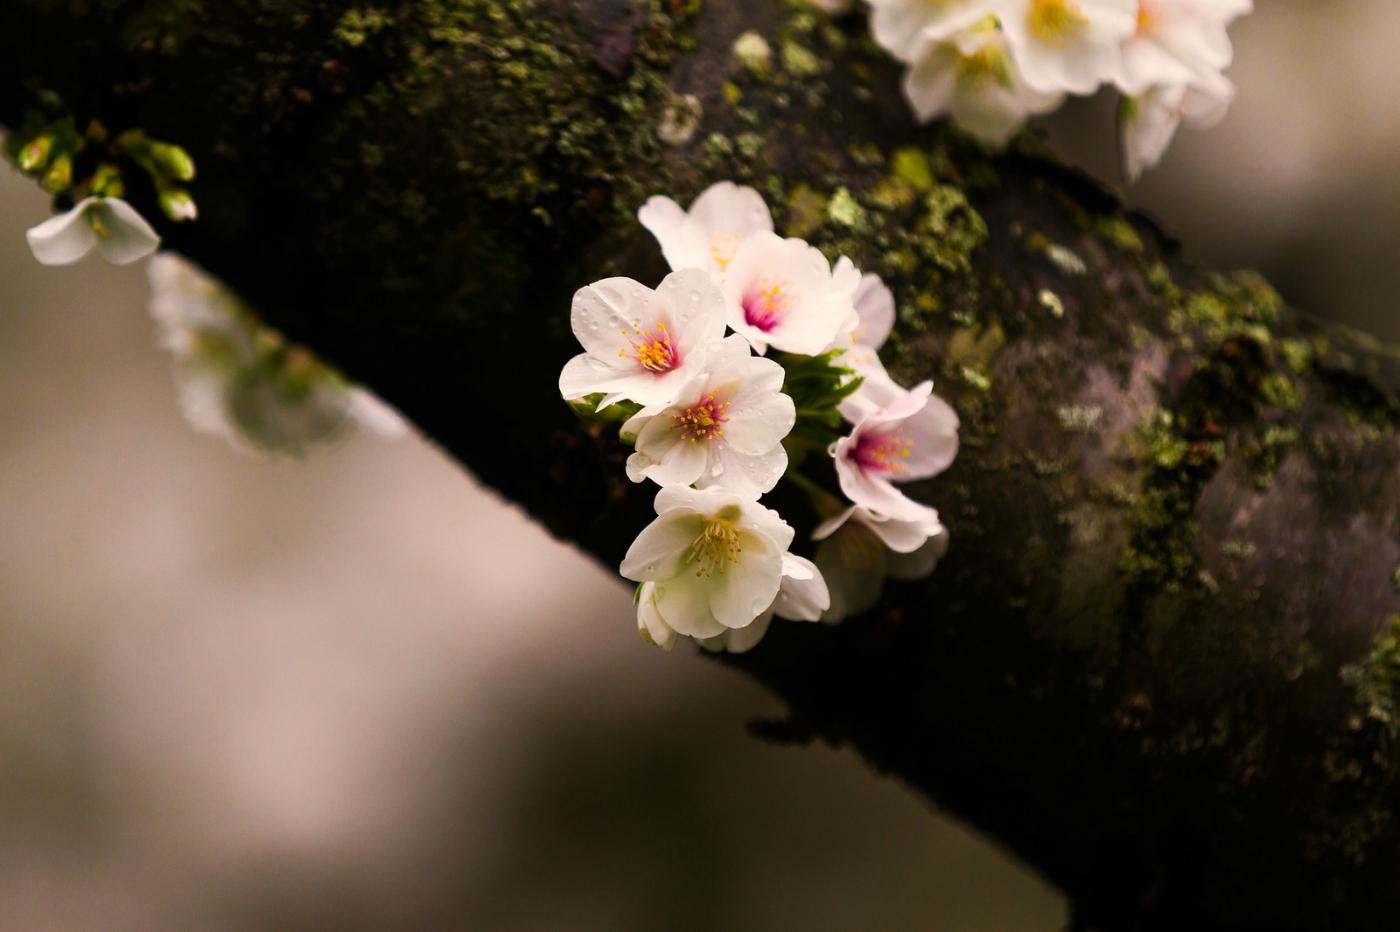 白色李花,粉色芯_圖1-11